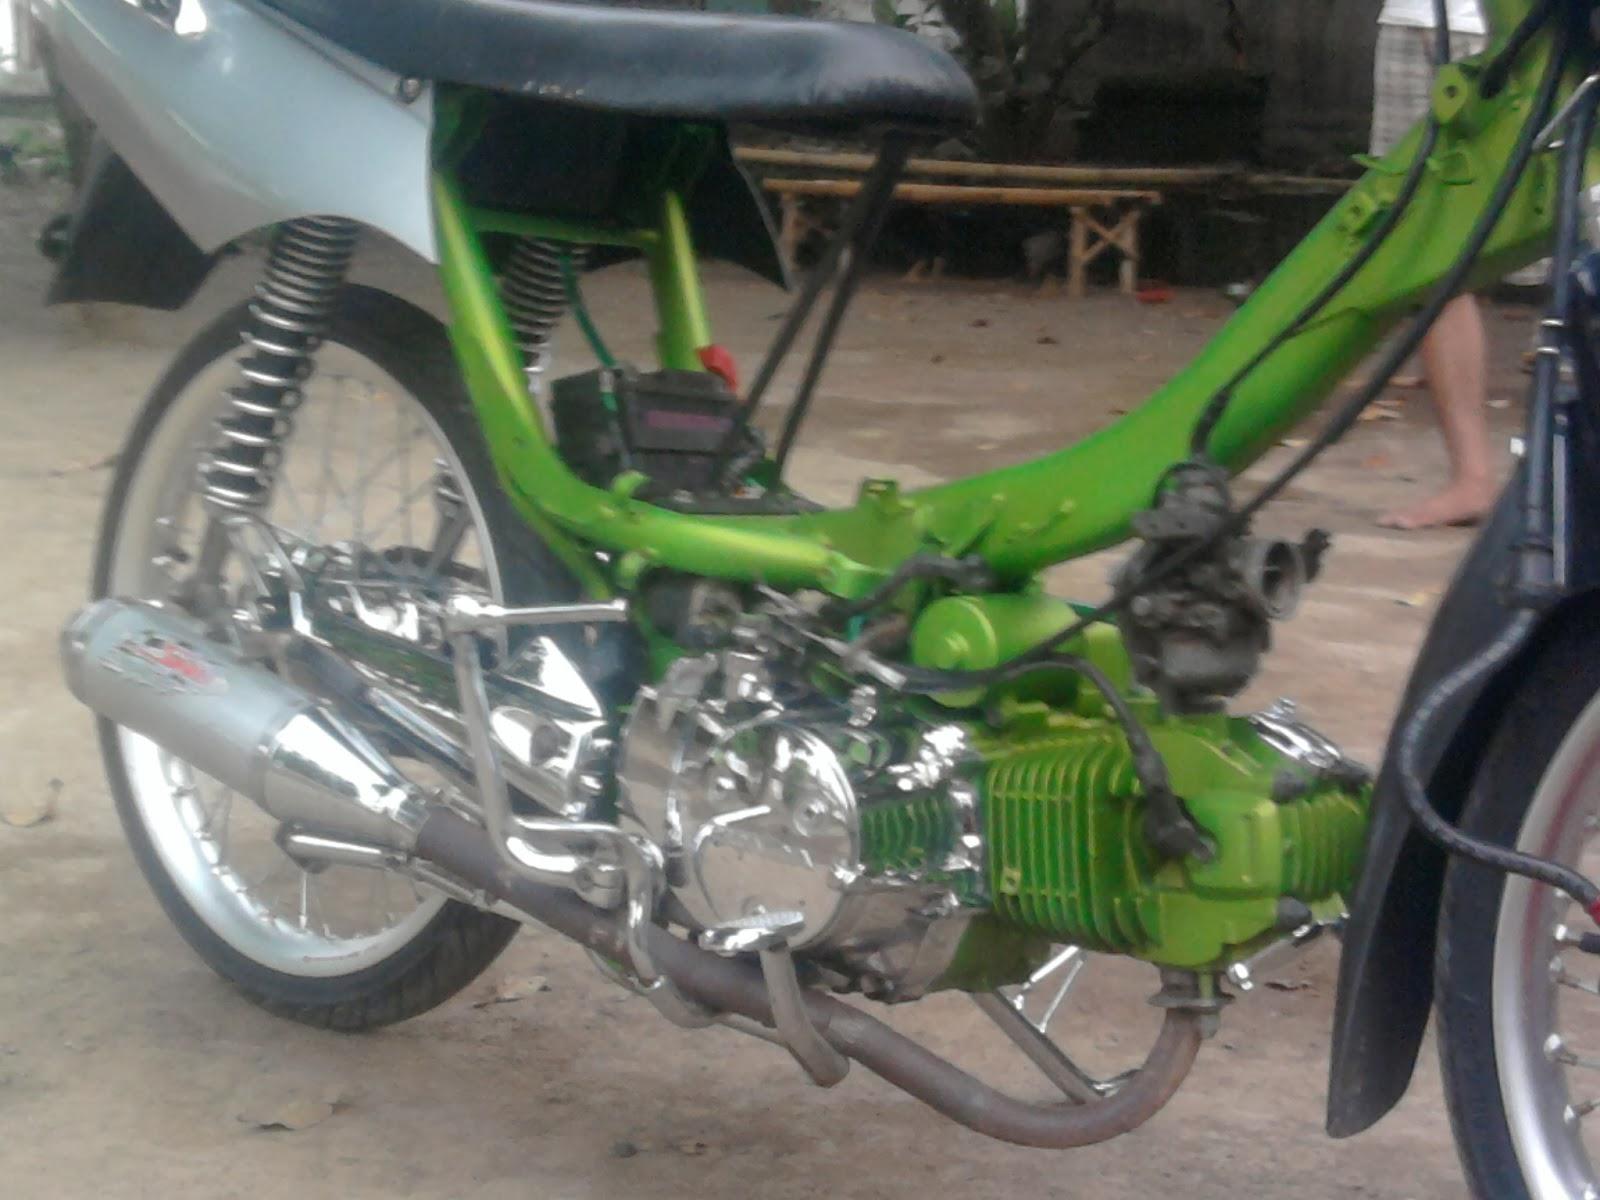 80 Gambar Motor Drag Kirana Terlengkap Ranting Modifikasi